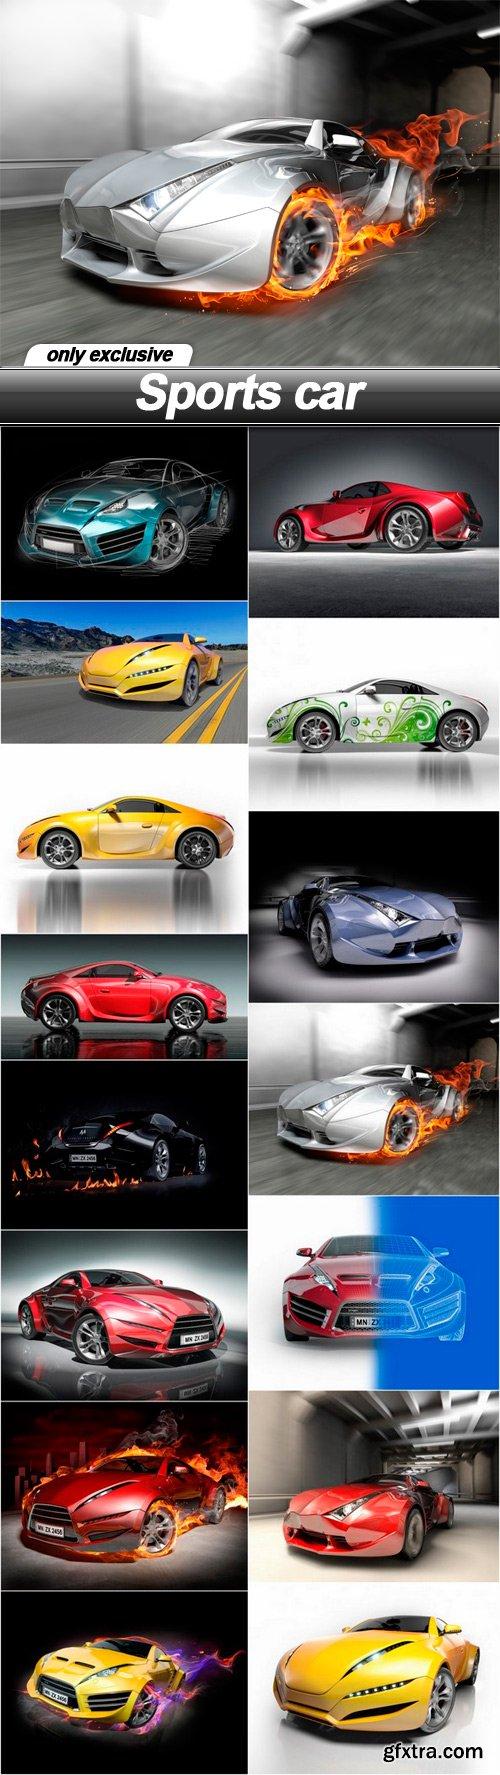 Sports car - 15 UHQ JPEG